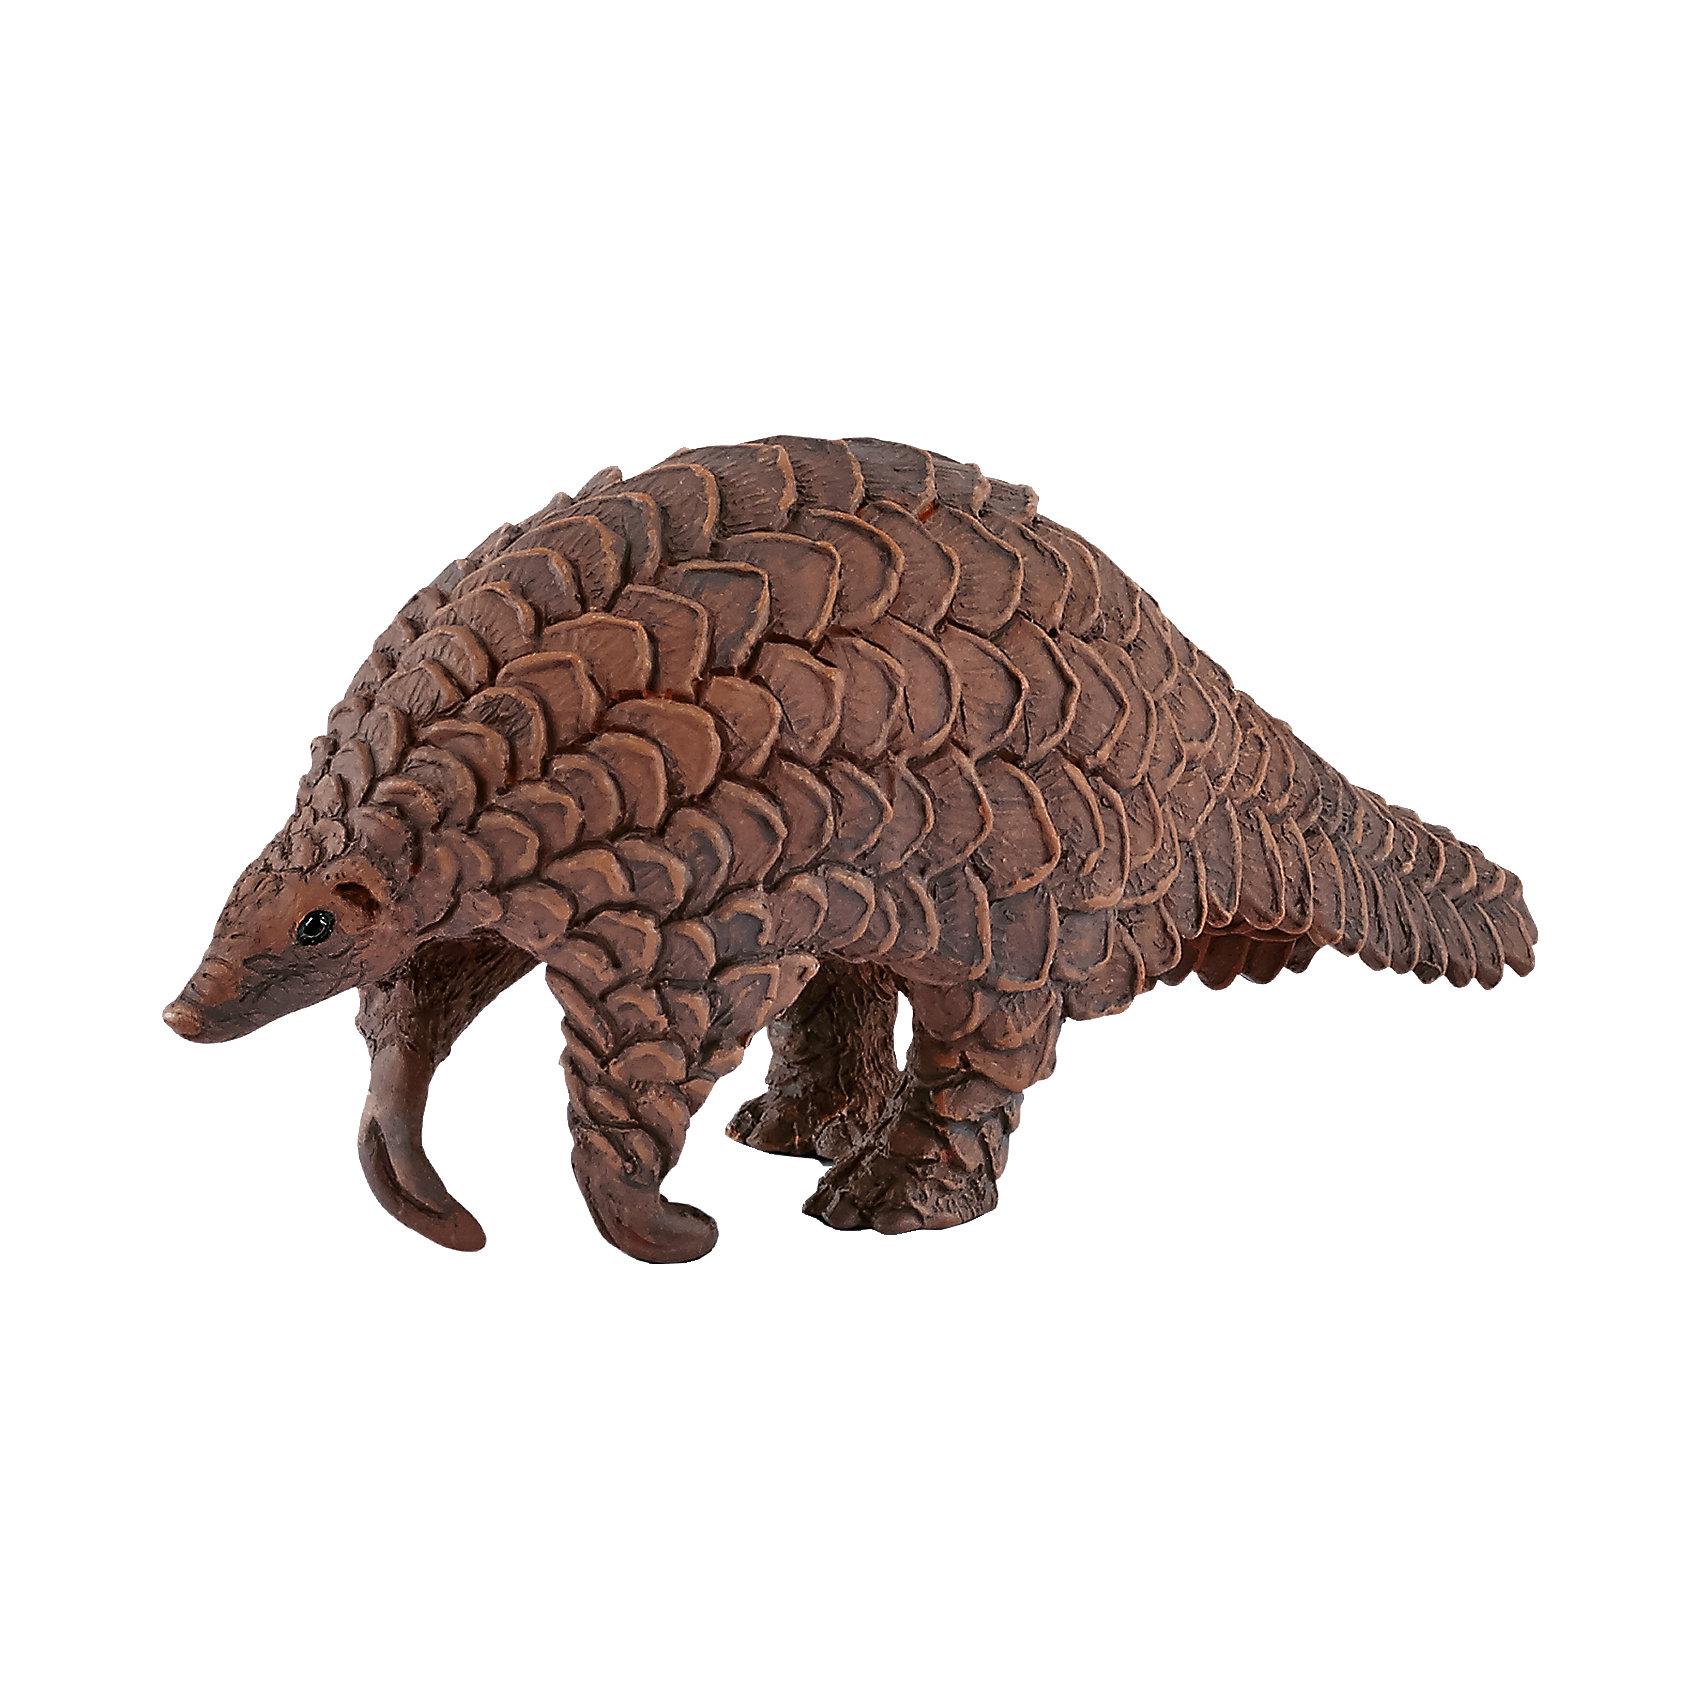 Гигантский ящер, SchleichГигантский ящер, Schleich – для всех любителей реалистичных фигурок.<br>Отличное дополнение в коллекцию. Красивые качественные фигурки в точности повторяют настоящих животных. Сделаны они из безопасного и не токсичного материала, который не вызывает аллергию. Краски не тускнеют и не стираются от длительной и активной игры. Ящер из Африки однозначно порадует вашего ребенка.<br><br>Дополнительная информация:<br><br>- возраст: от 3 лет<br>- материал: каучук, пластик<br>- размер: 9 х 3 х 3.5 см<br>- страна: Германия<br><br>Гигантский ящер, Schleich можно купить в нашем интернет магазине.<br><br>Ширина мм: 94<br>Глубина мм: 53<br>Высота мм: 27<br>Вес г: 31<br>Возраст от месяцев: 36<br>Возраст до месяцев: 96<br>Пол: Унисекс<br>Возраст: Детский<br>SKU: 4662506